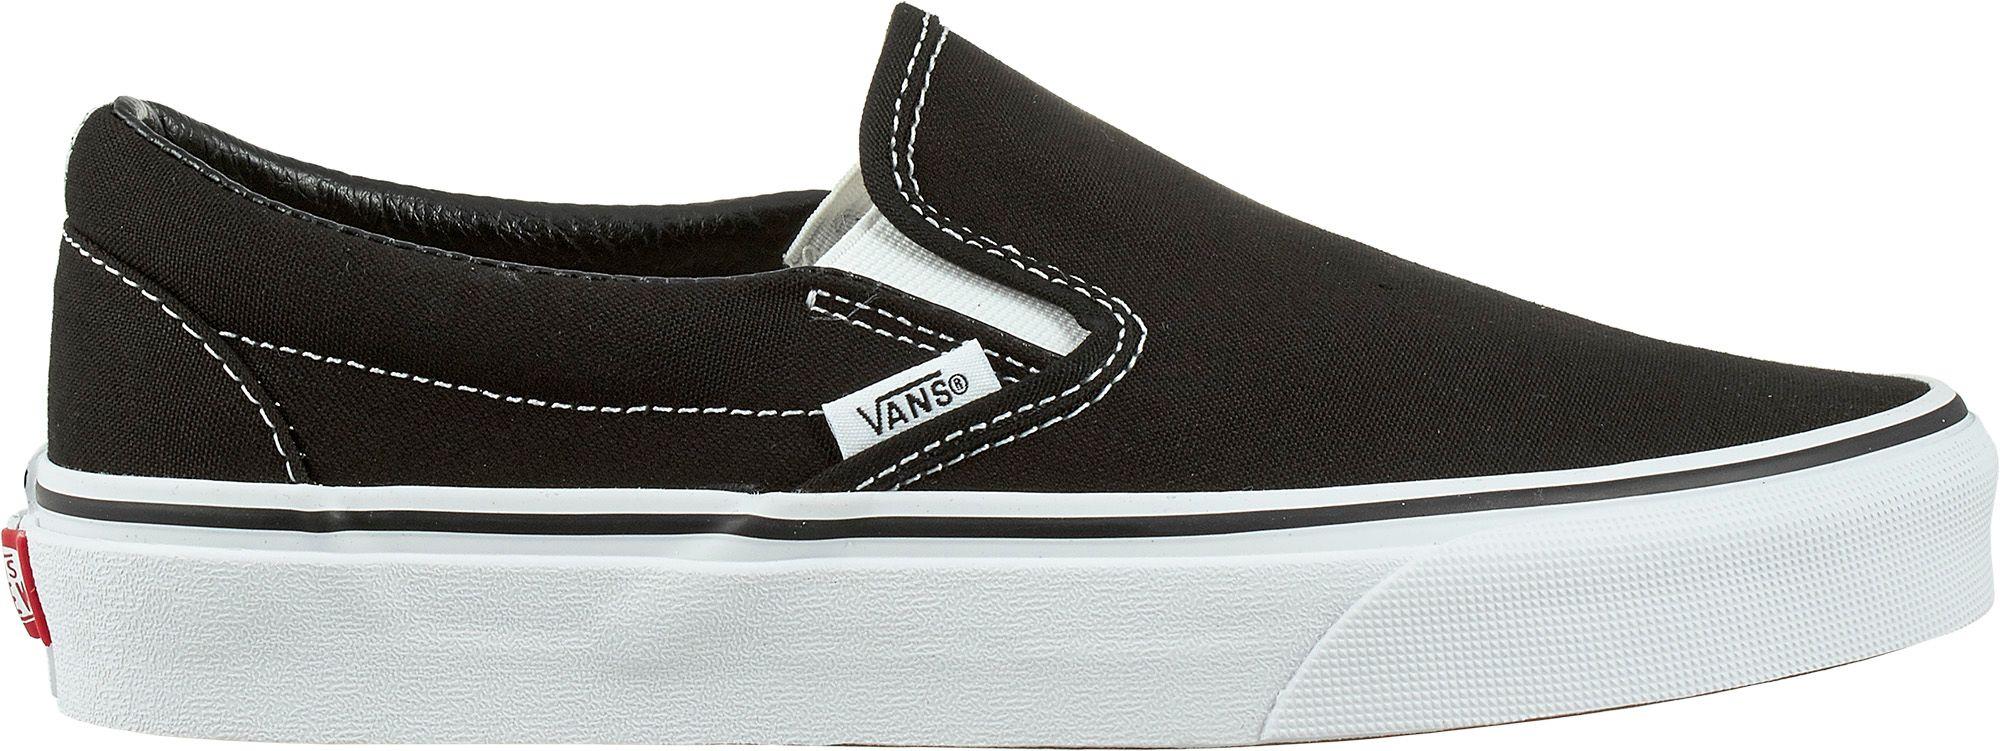 zapatos vans online